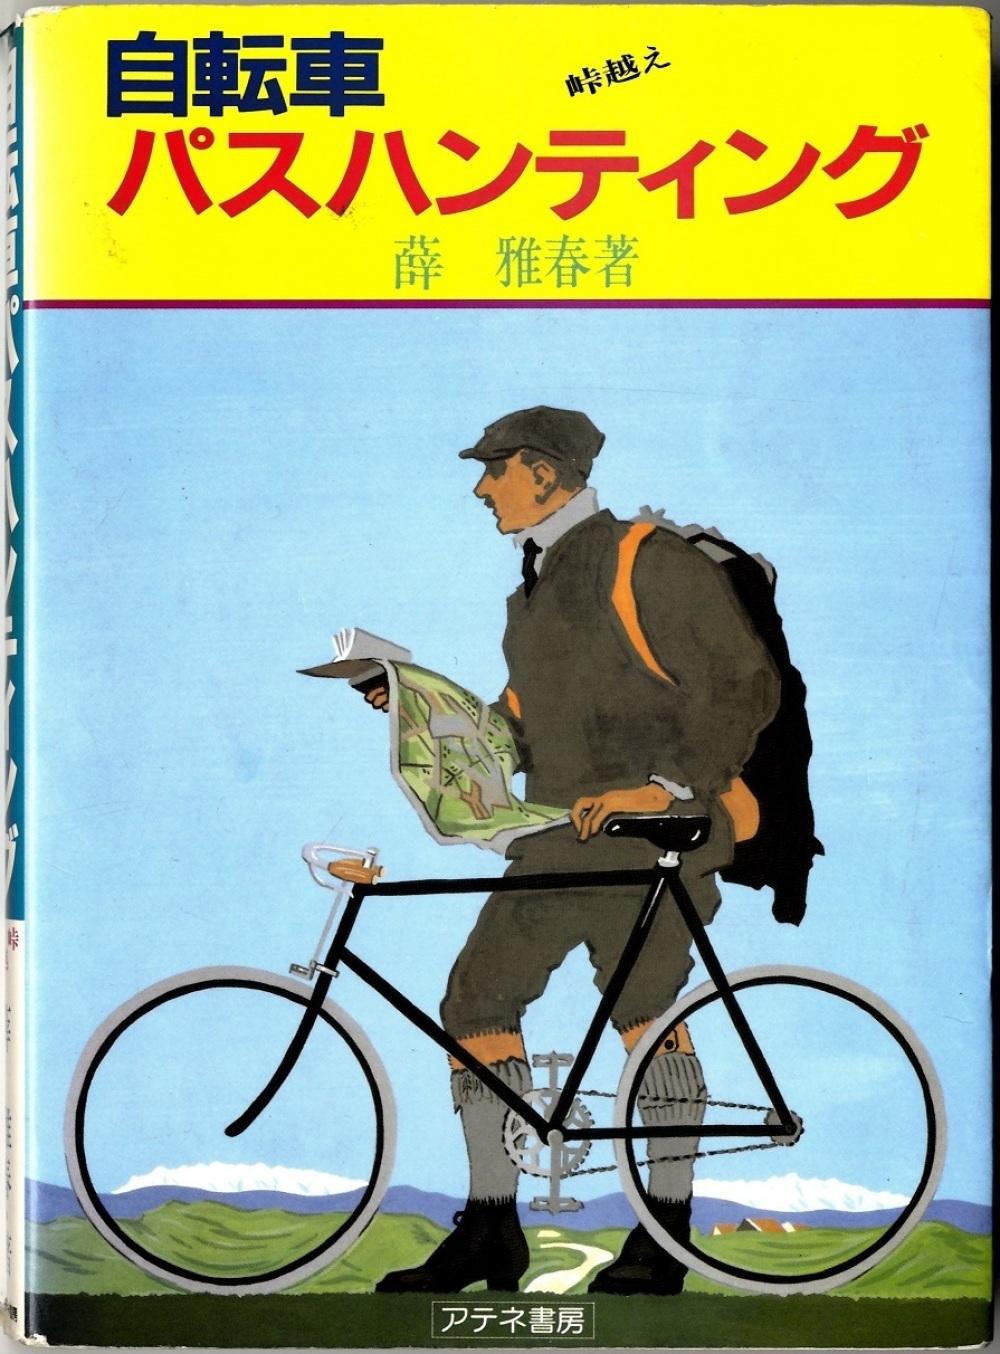 お気に入りの本(自転車 パスハンティング)_c0335218_08564843.jpg